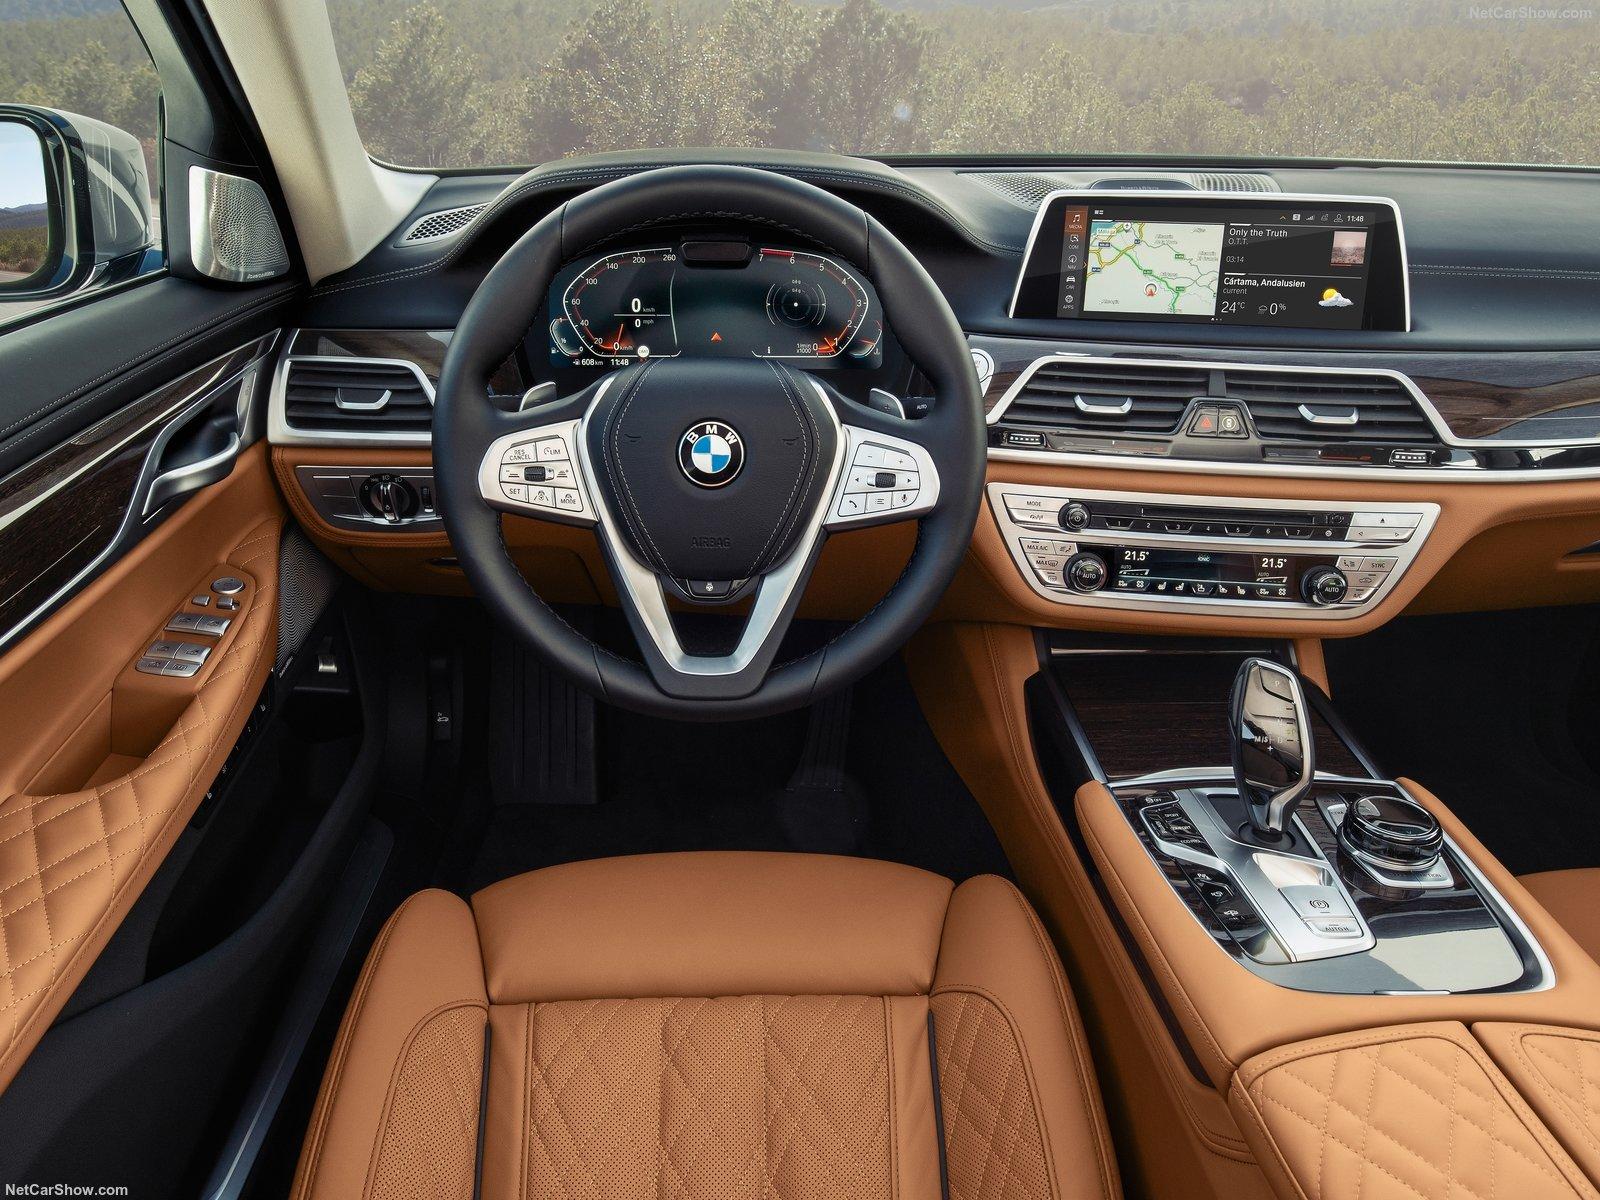 Nuova BMW Serie 7: quando il lusso non è mai abbastanza (Parte 1)